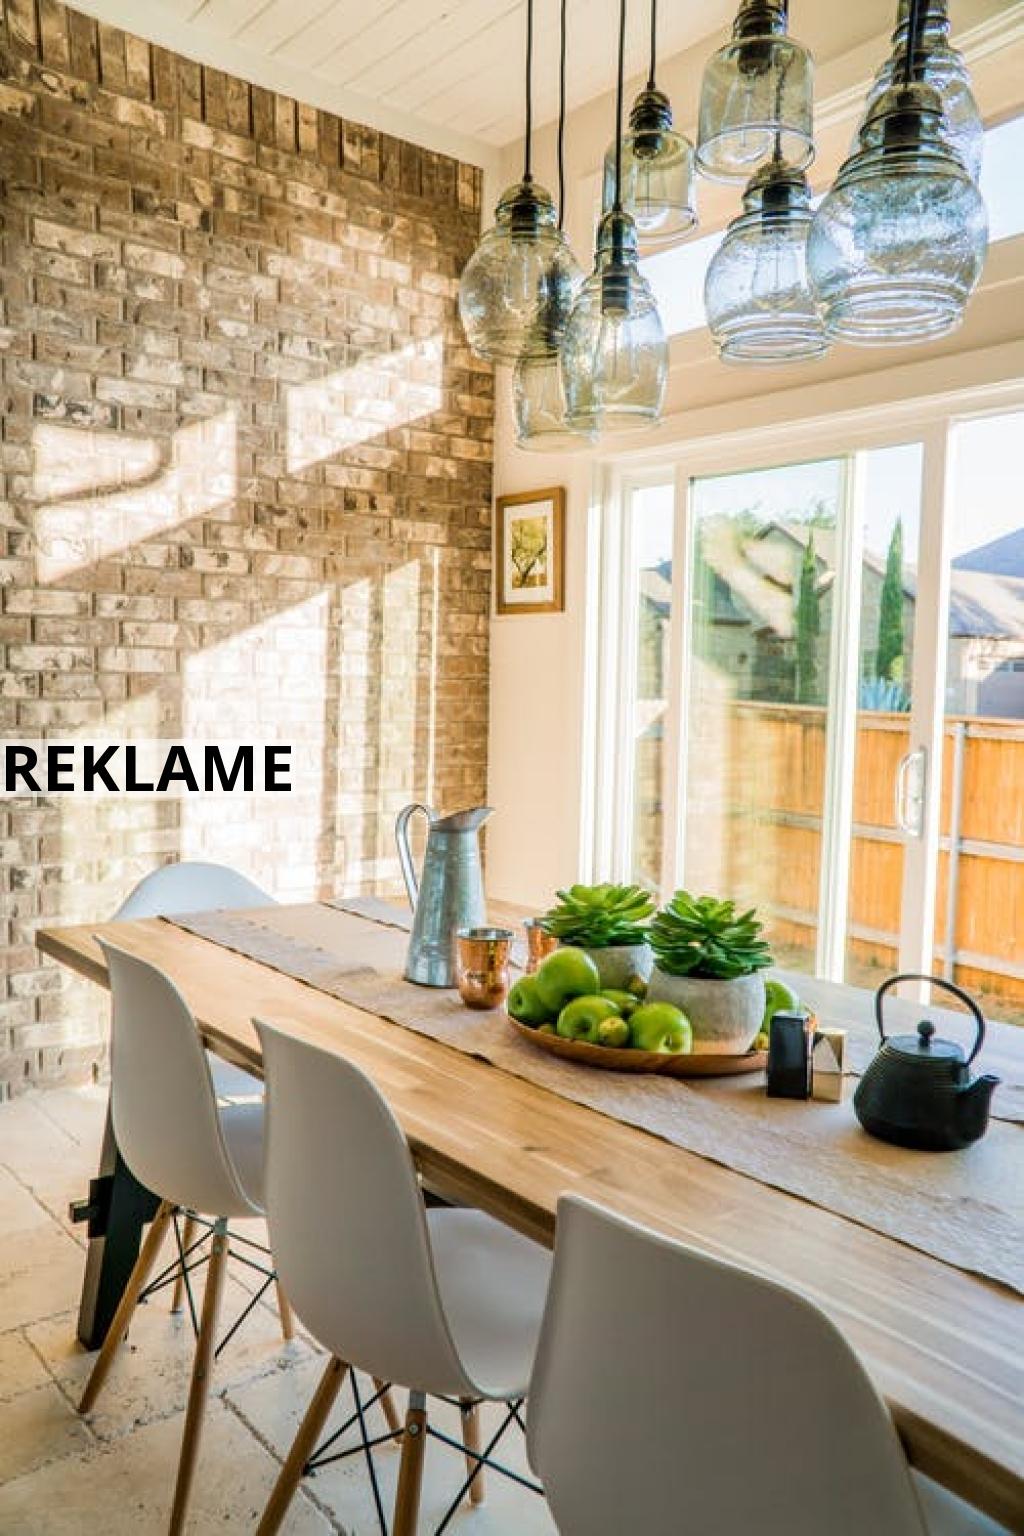 Skab et hyggeligt hjem